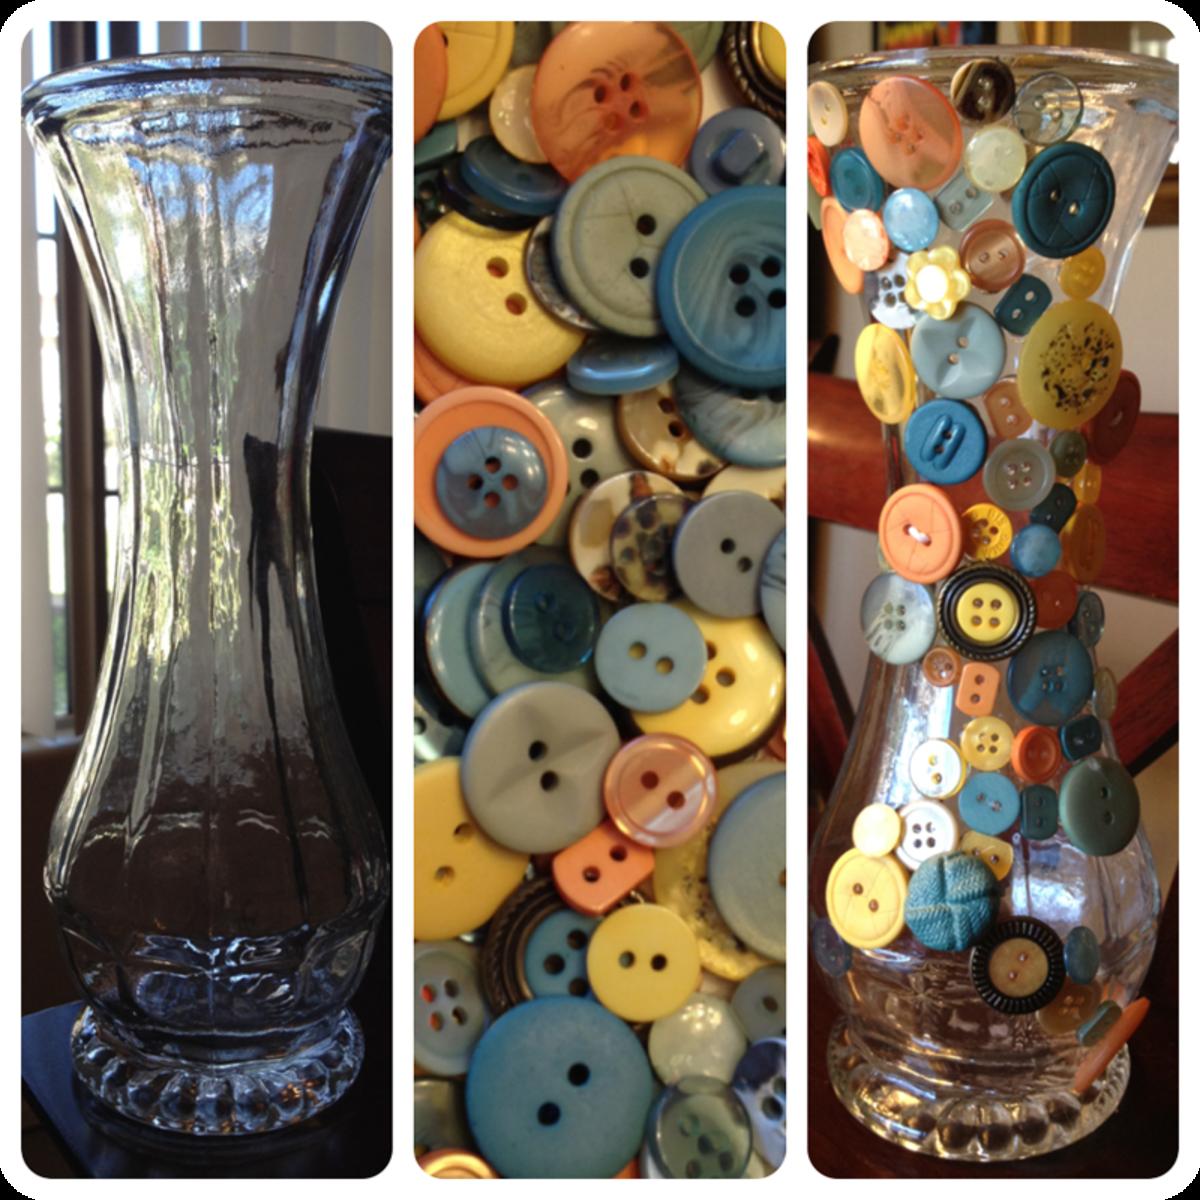 vase + buttons = buttonvase